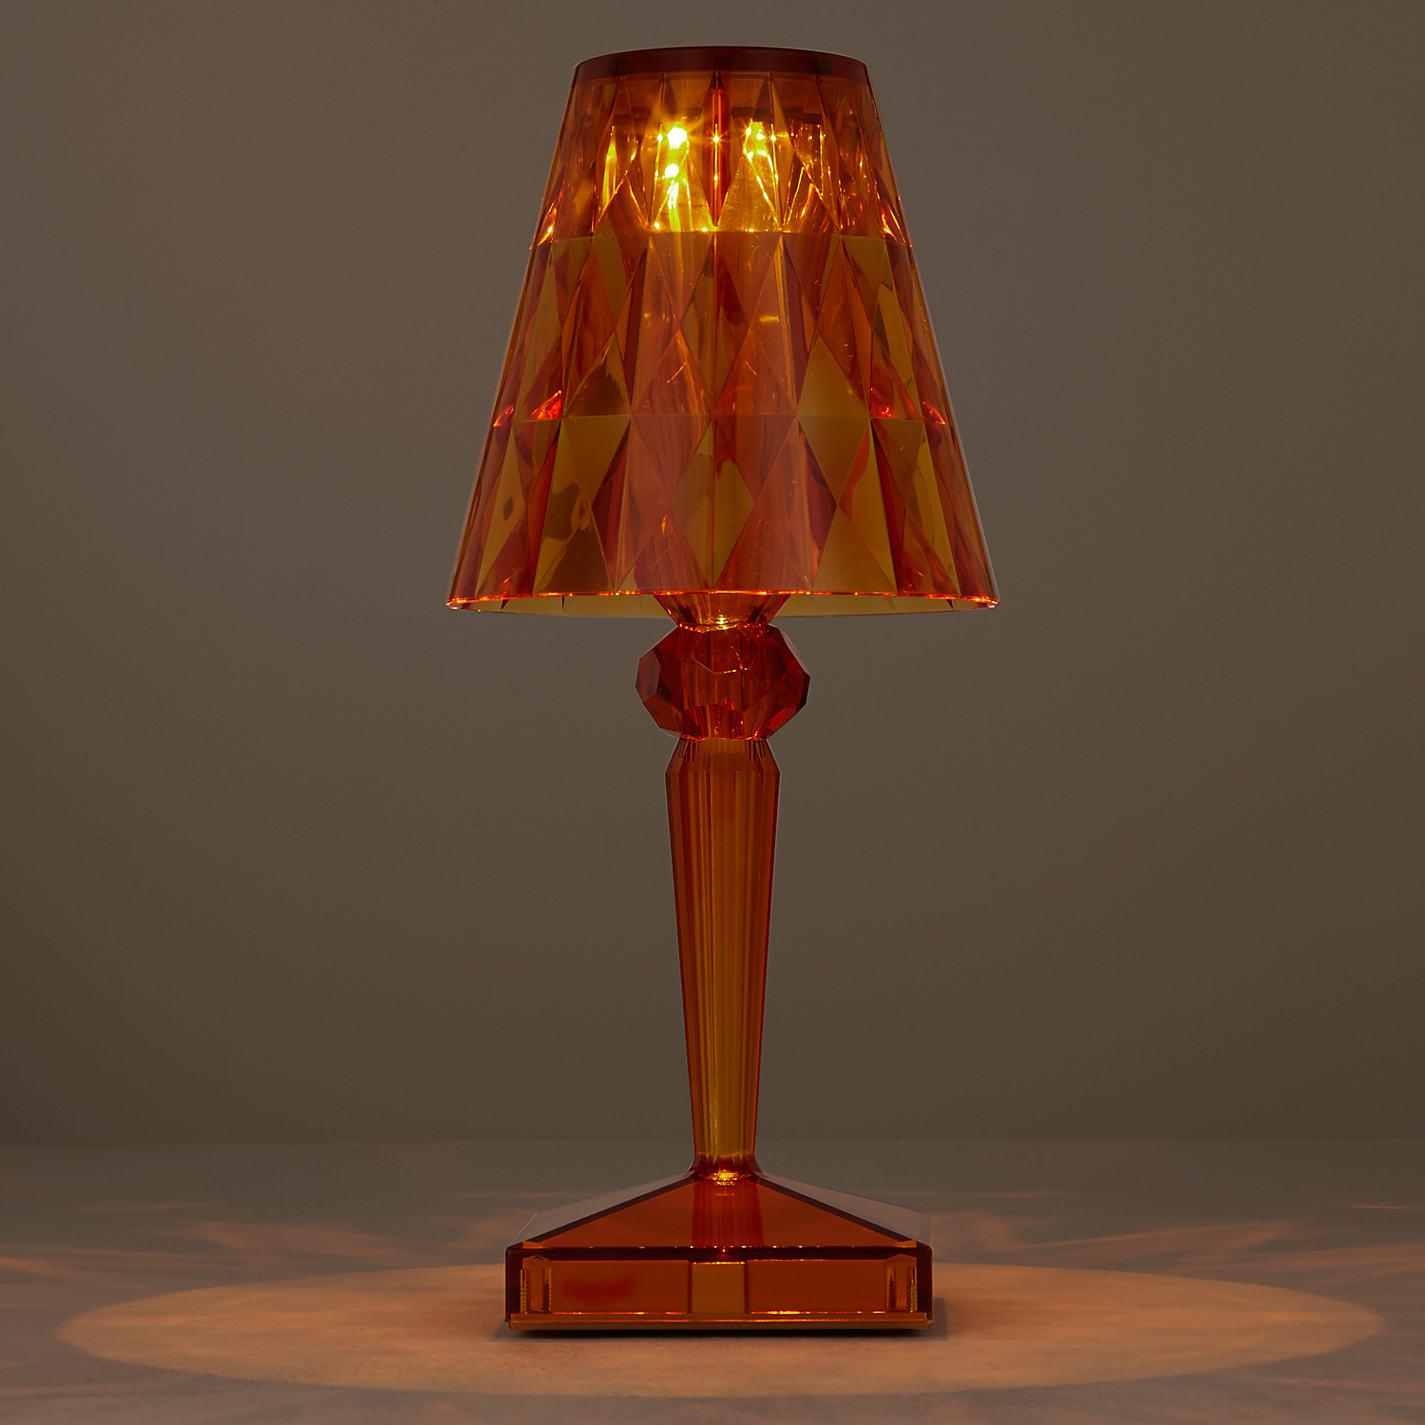 Buy kartell battery table lamp john lewis buy kartell battery table lamp online at johnlewis geotapseo Gallery